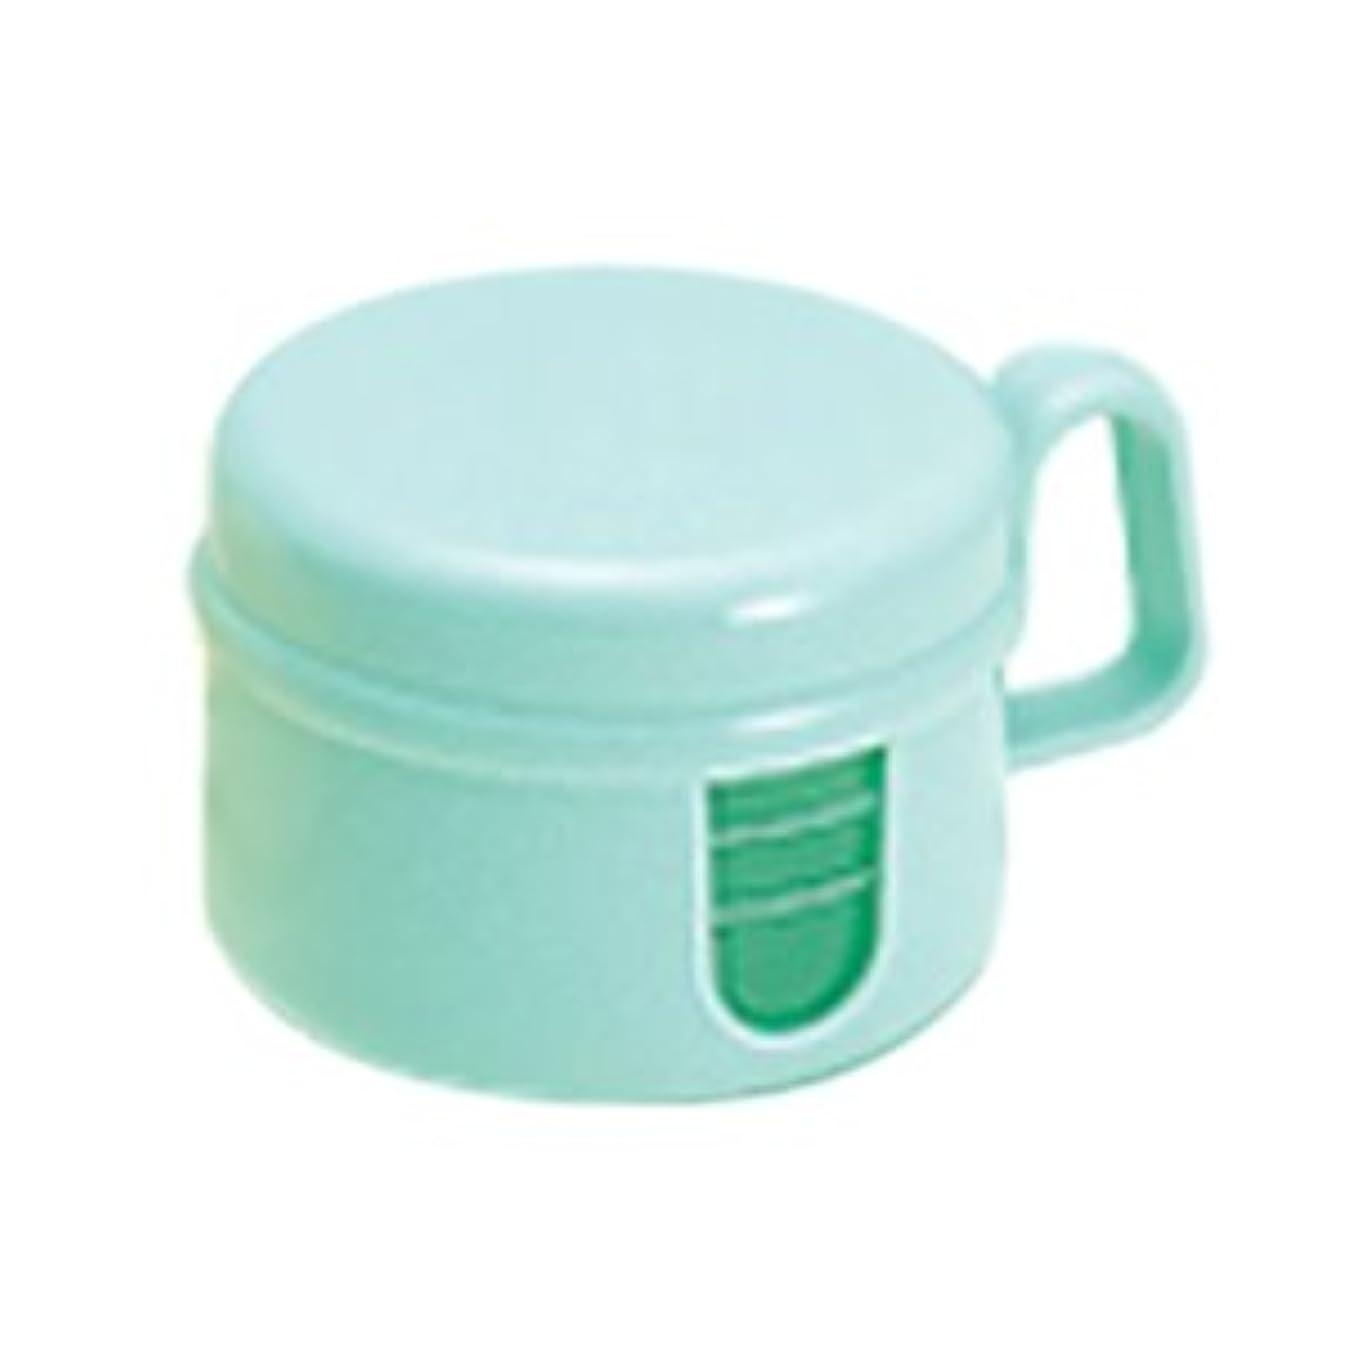 混合フライカイト要求する松風 ピカ 入れ歯 洗浄保存容器 グリーン